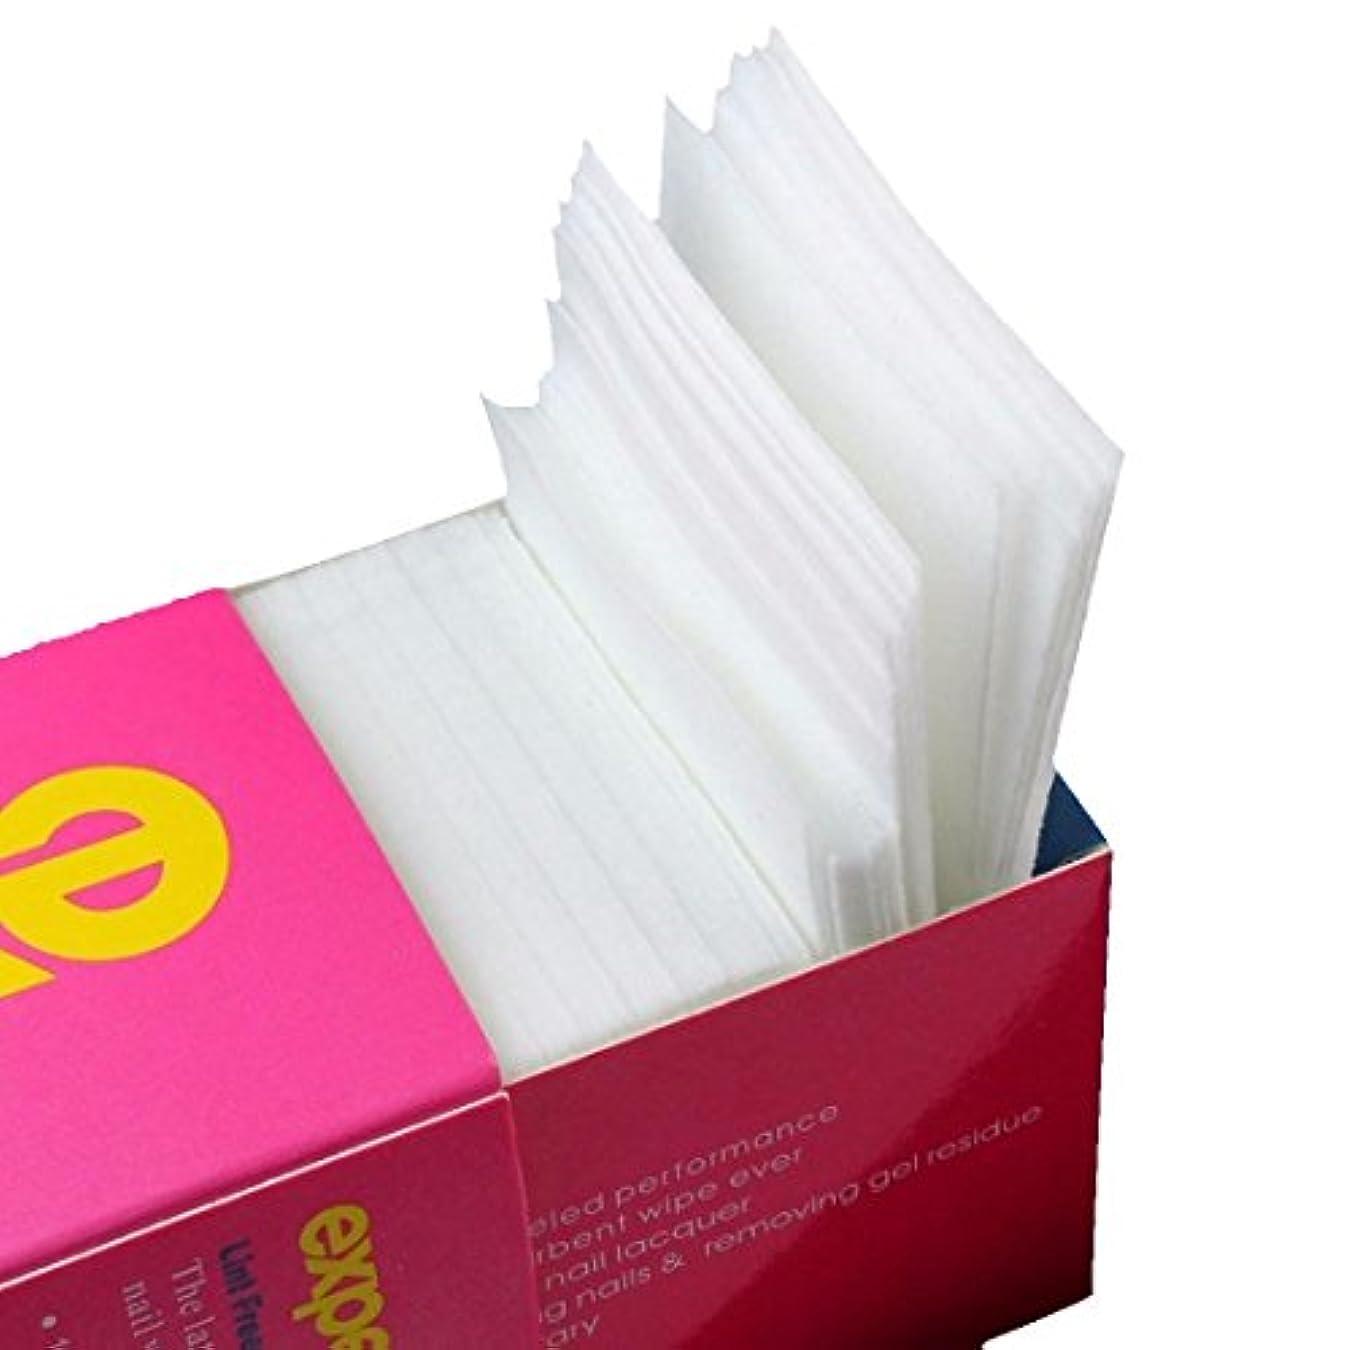 馬鹿広範囲優勢CUHAWUDBA 325枚ネイルワイプリントフリーコットンパッド、ネイルジェル除去用不織布綿シートネイルポリッシュクリーニングパッド